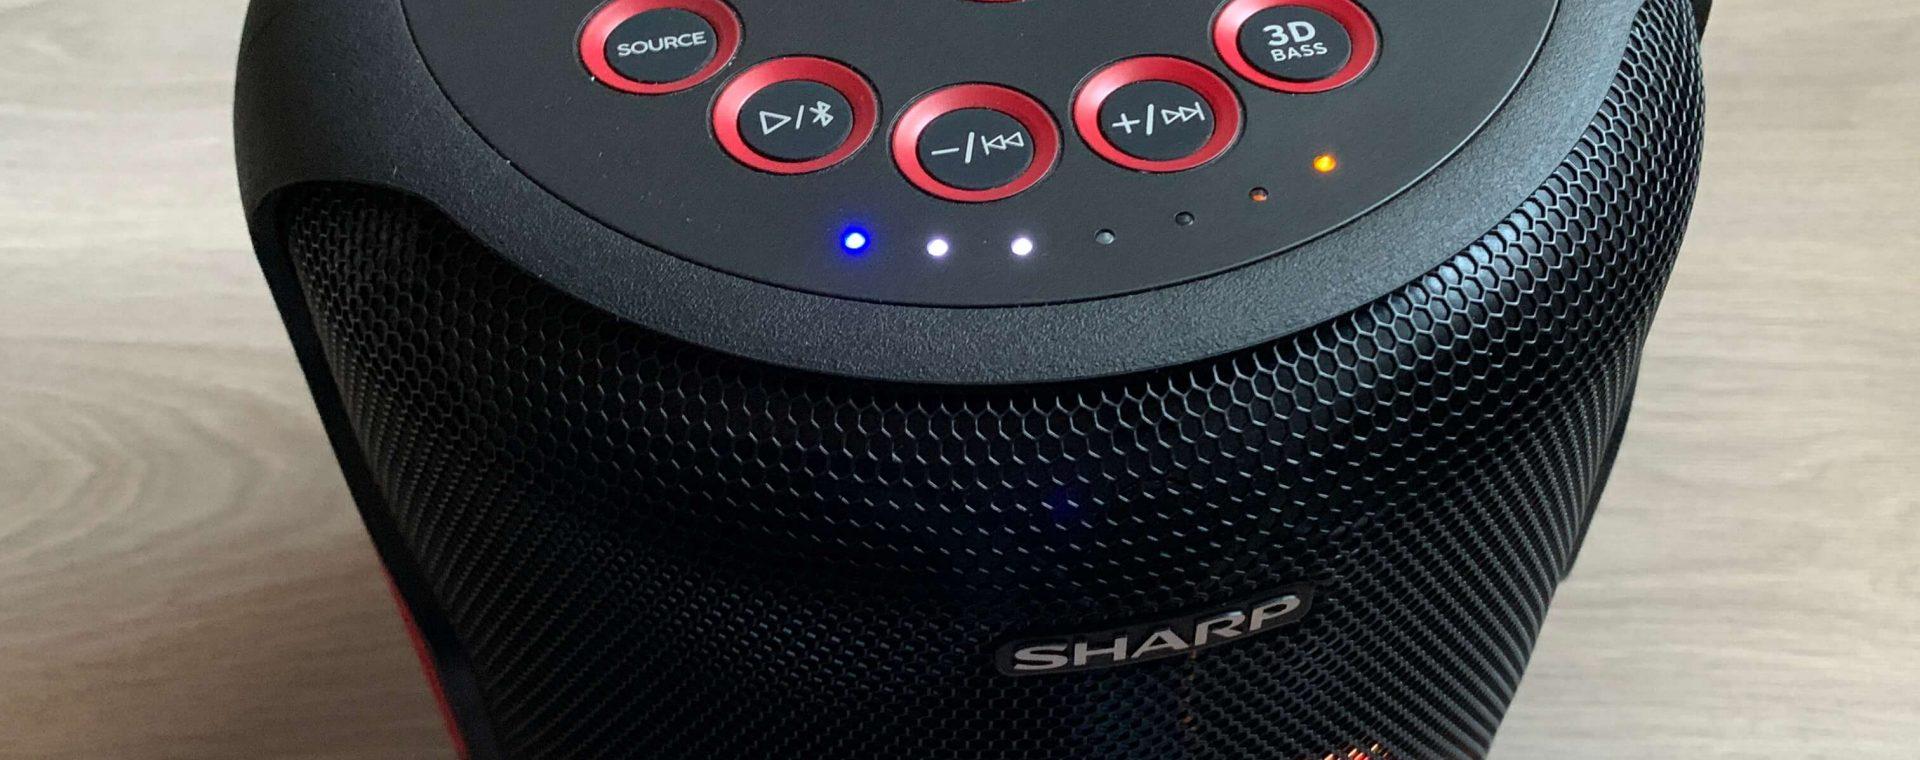 Solidny głośnik imprezowy. Pierwsze wrażenia z testowania Sharp PS-919